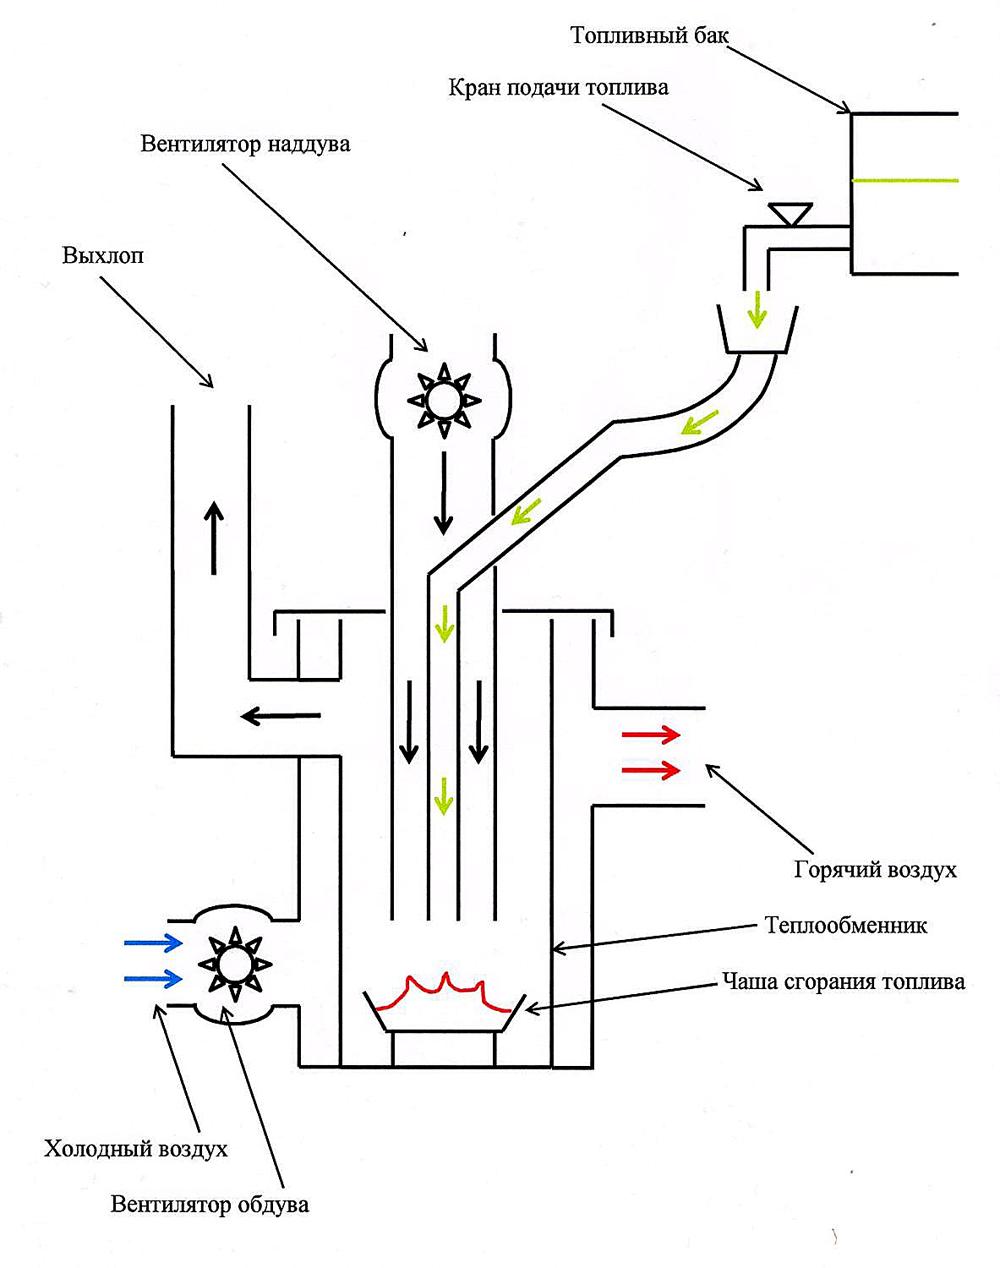 Схема работы печи с вентиляторами для принудительной подачи воздуха